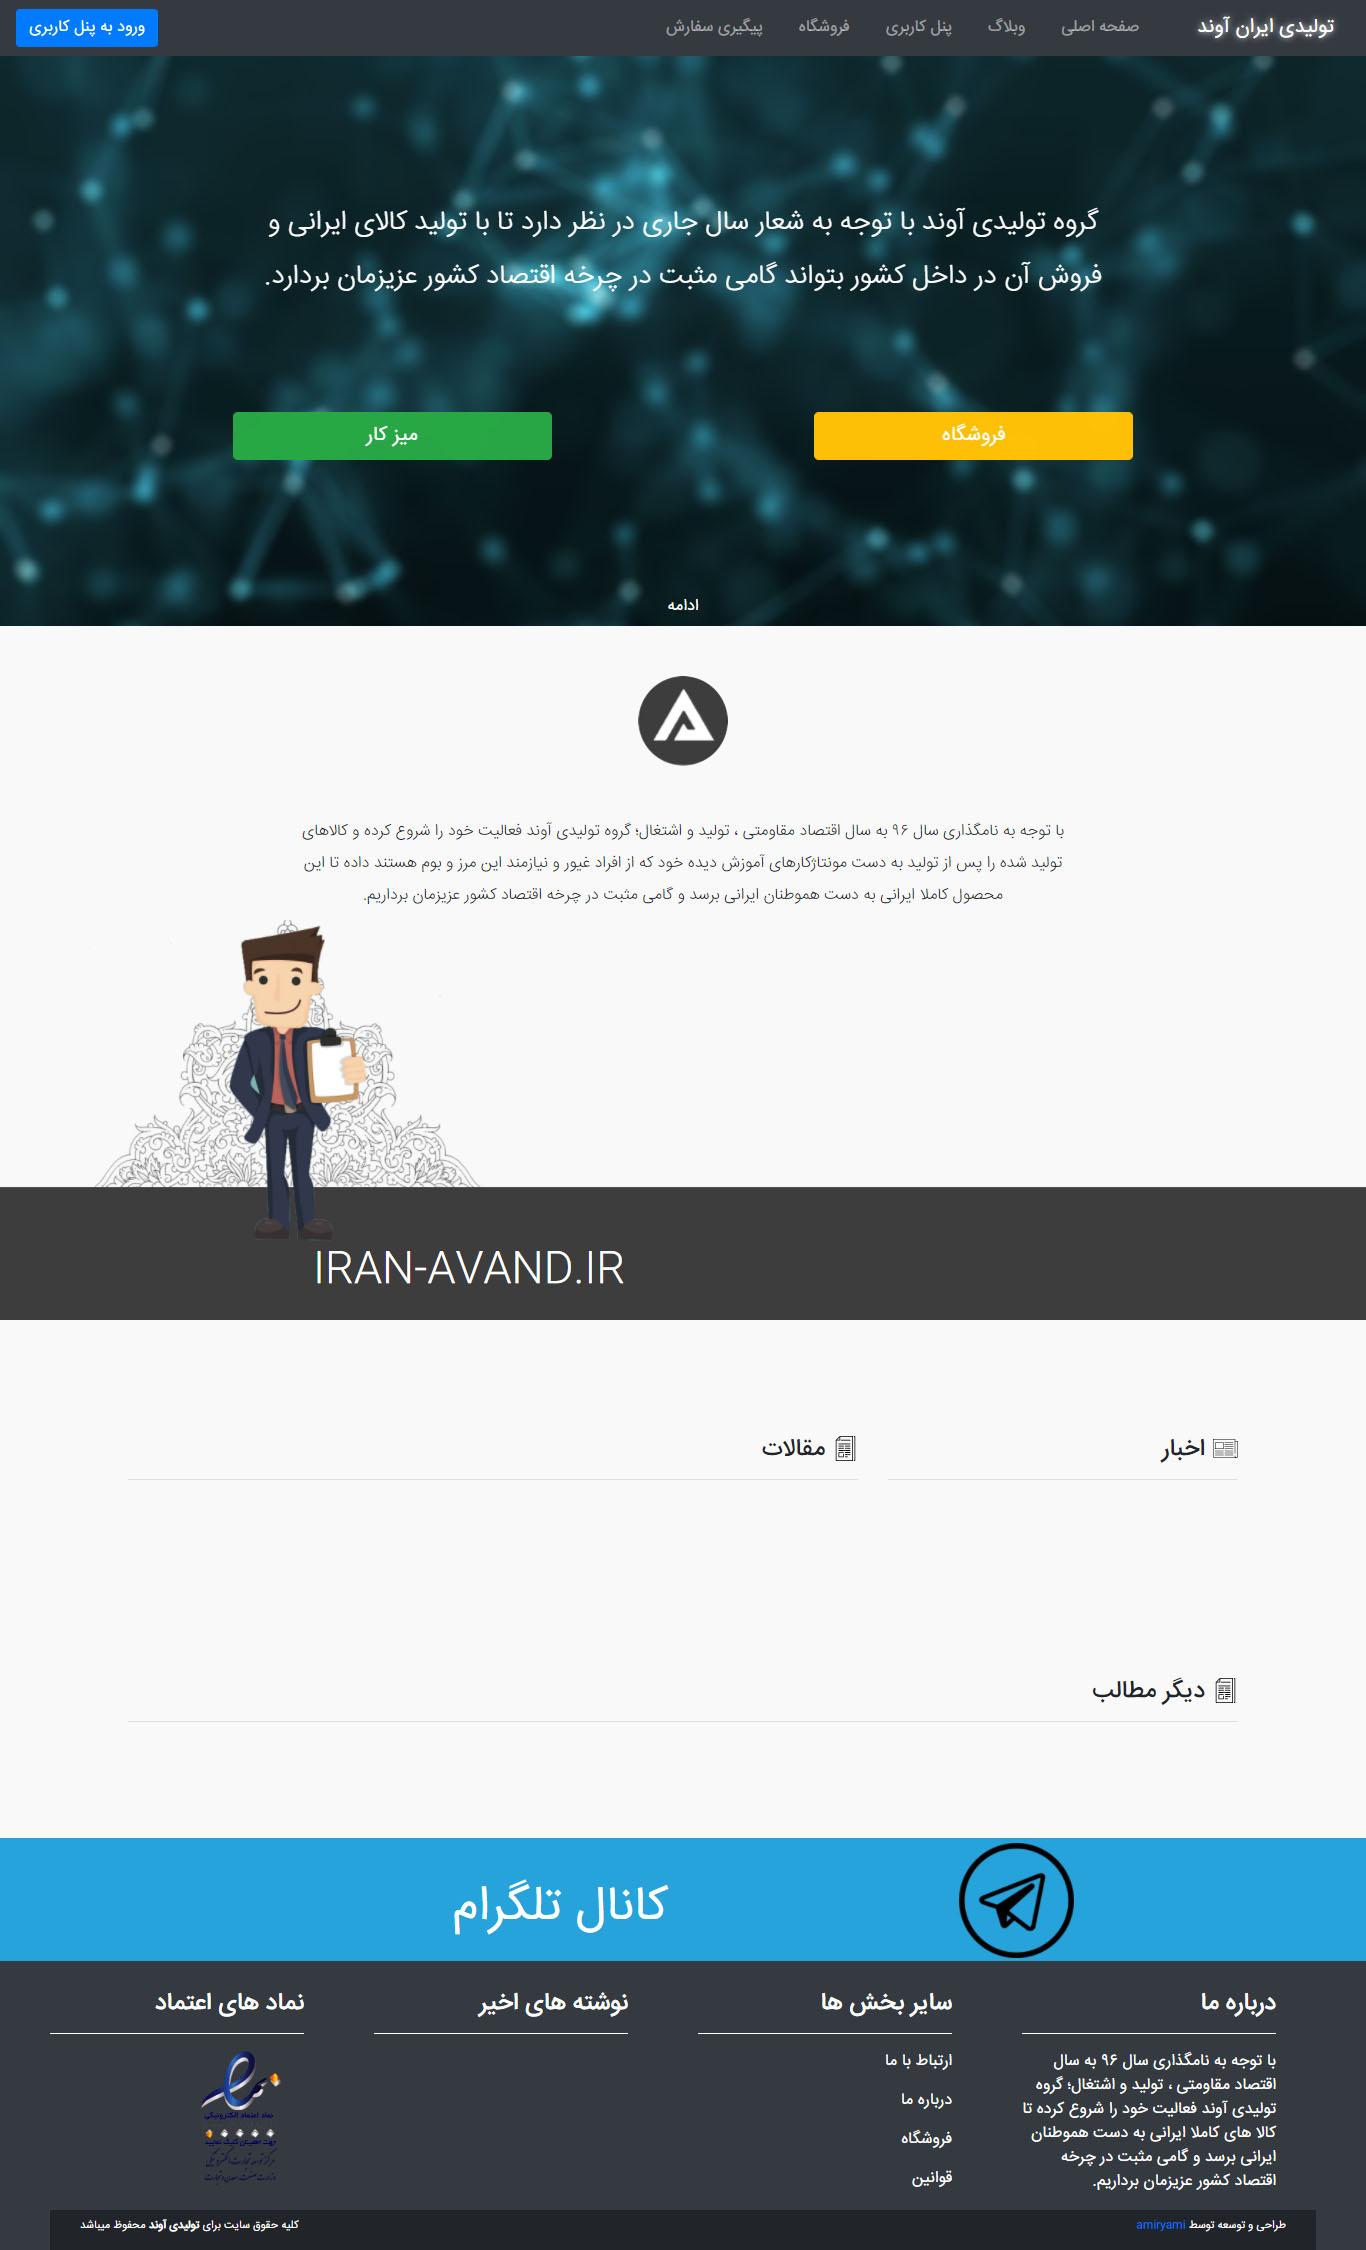 فروشگاه اینترنتی ایران آوند